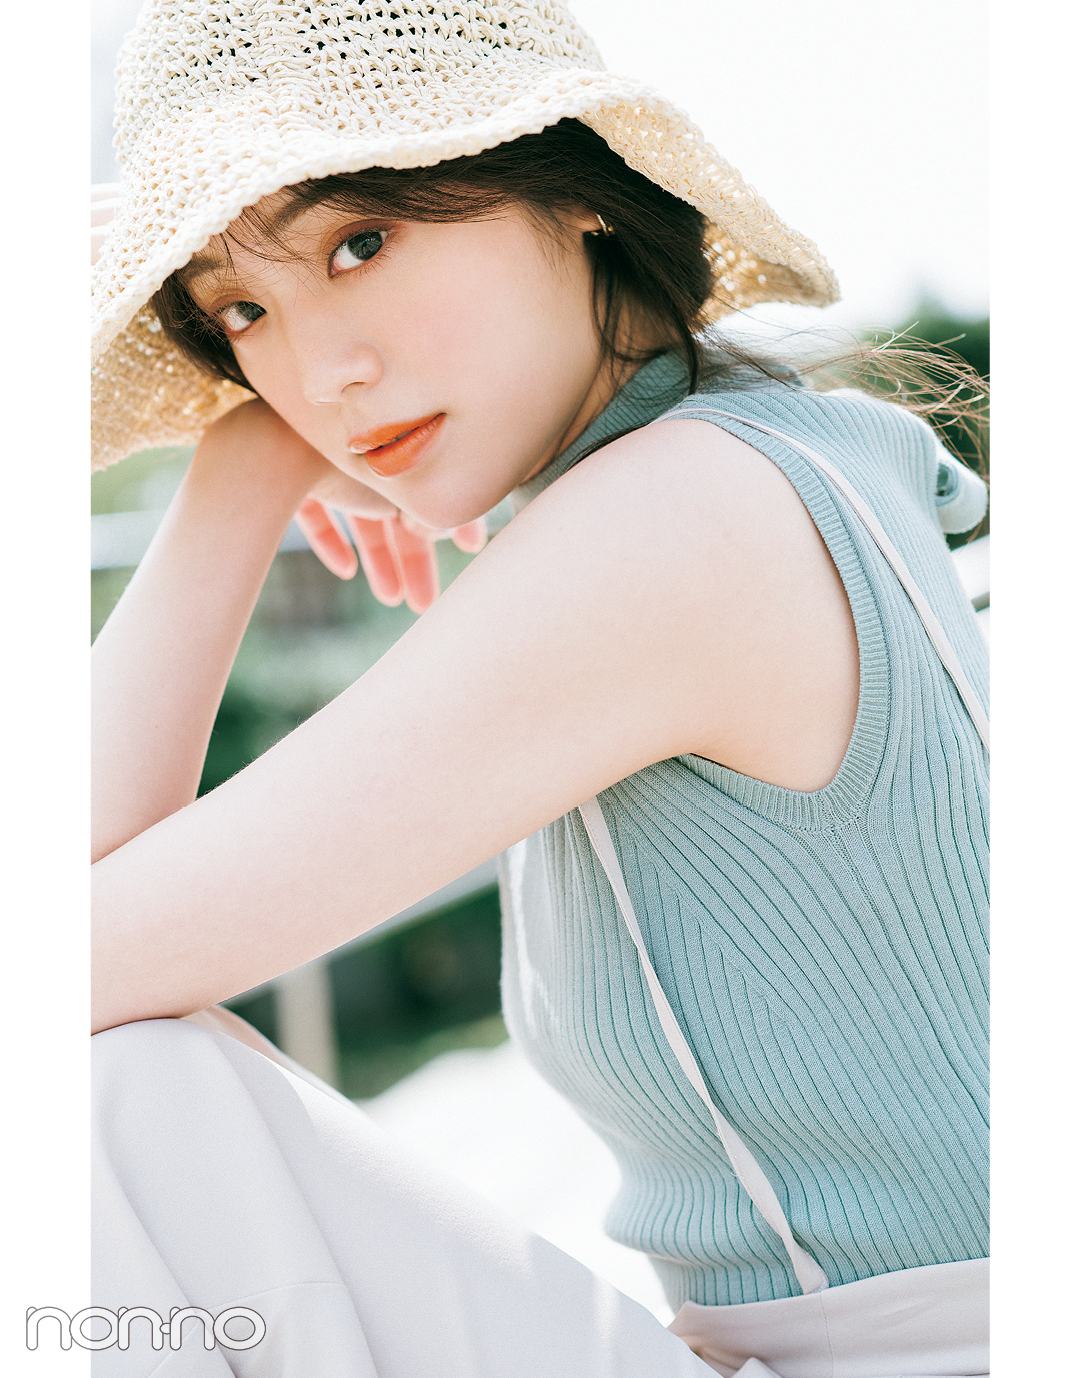 貴島明日香のきれいめフェミニンな夏コーデ3